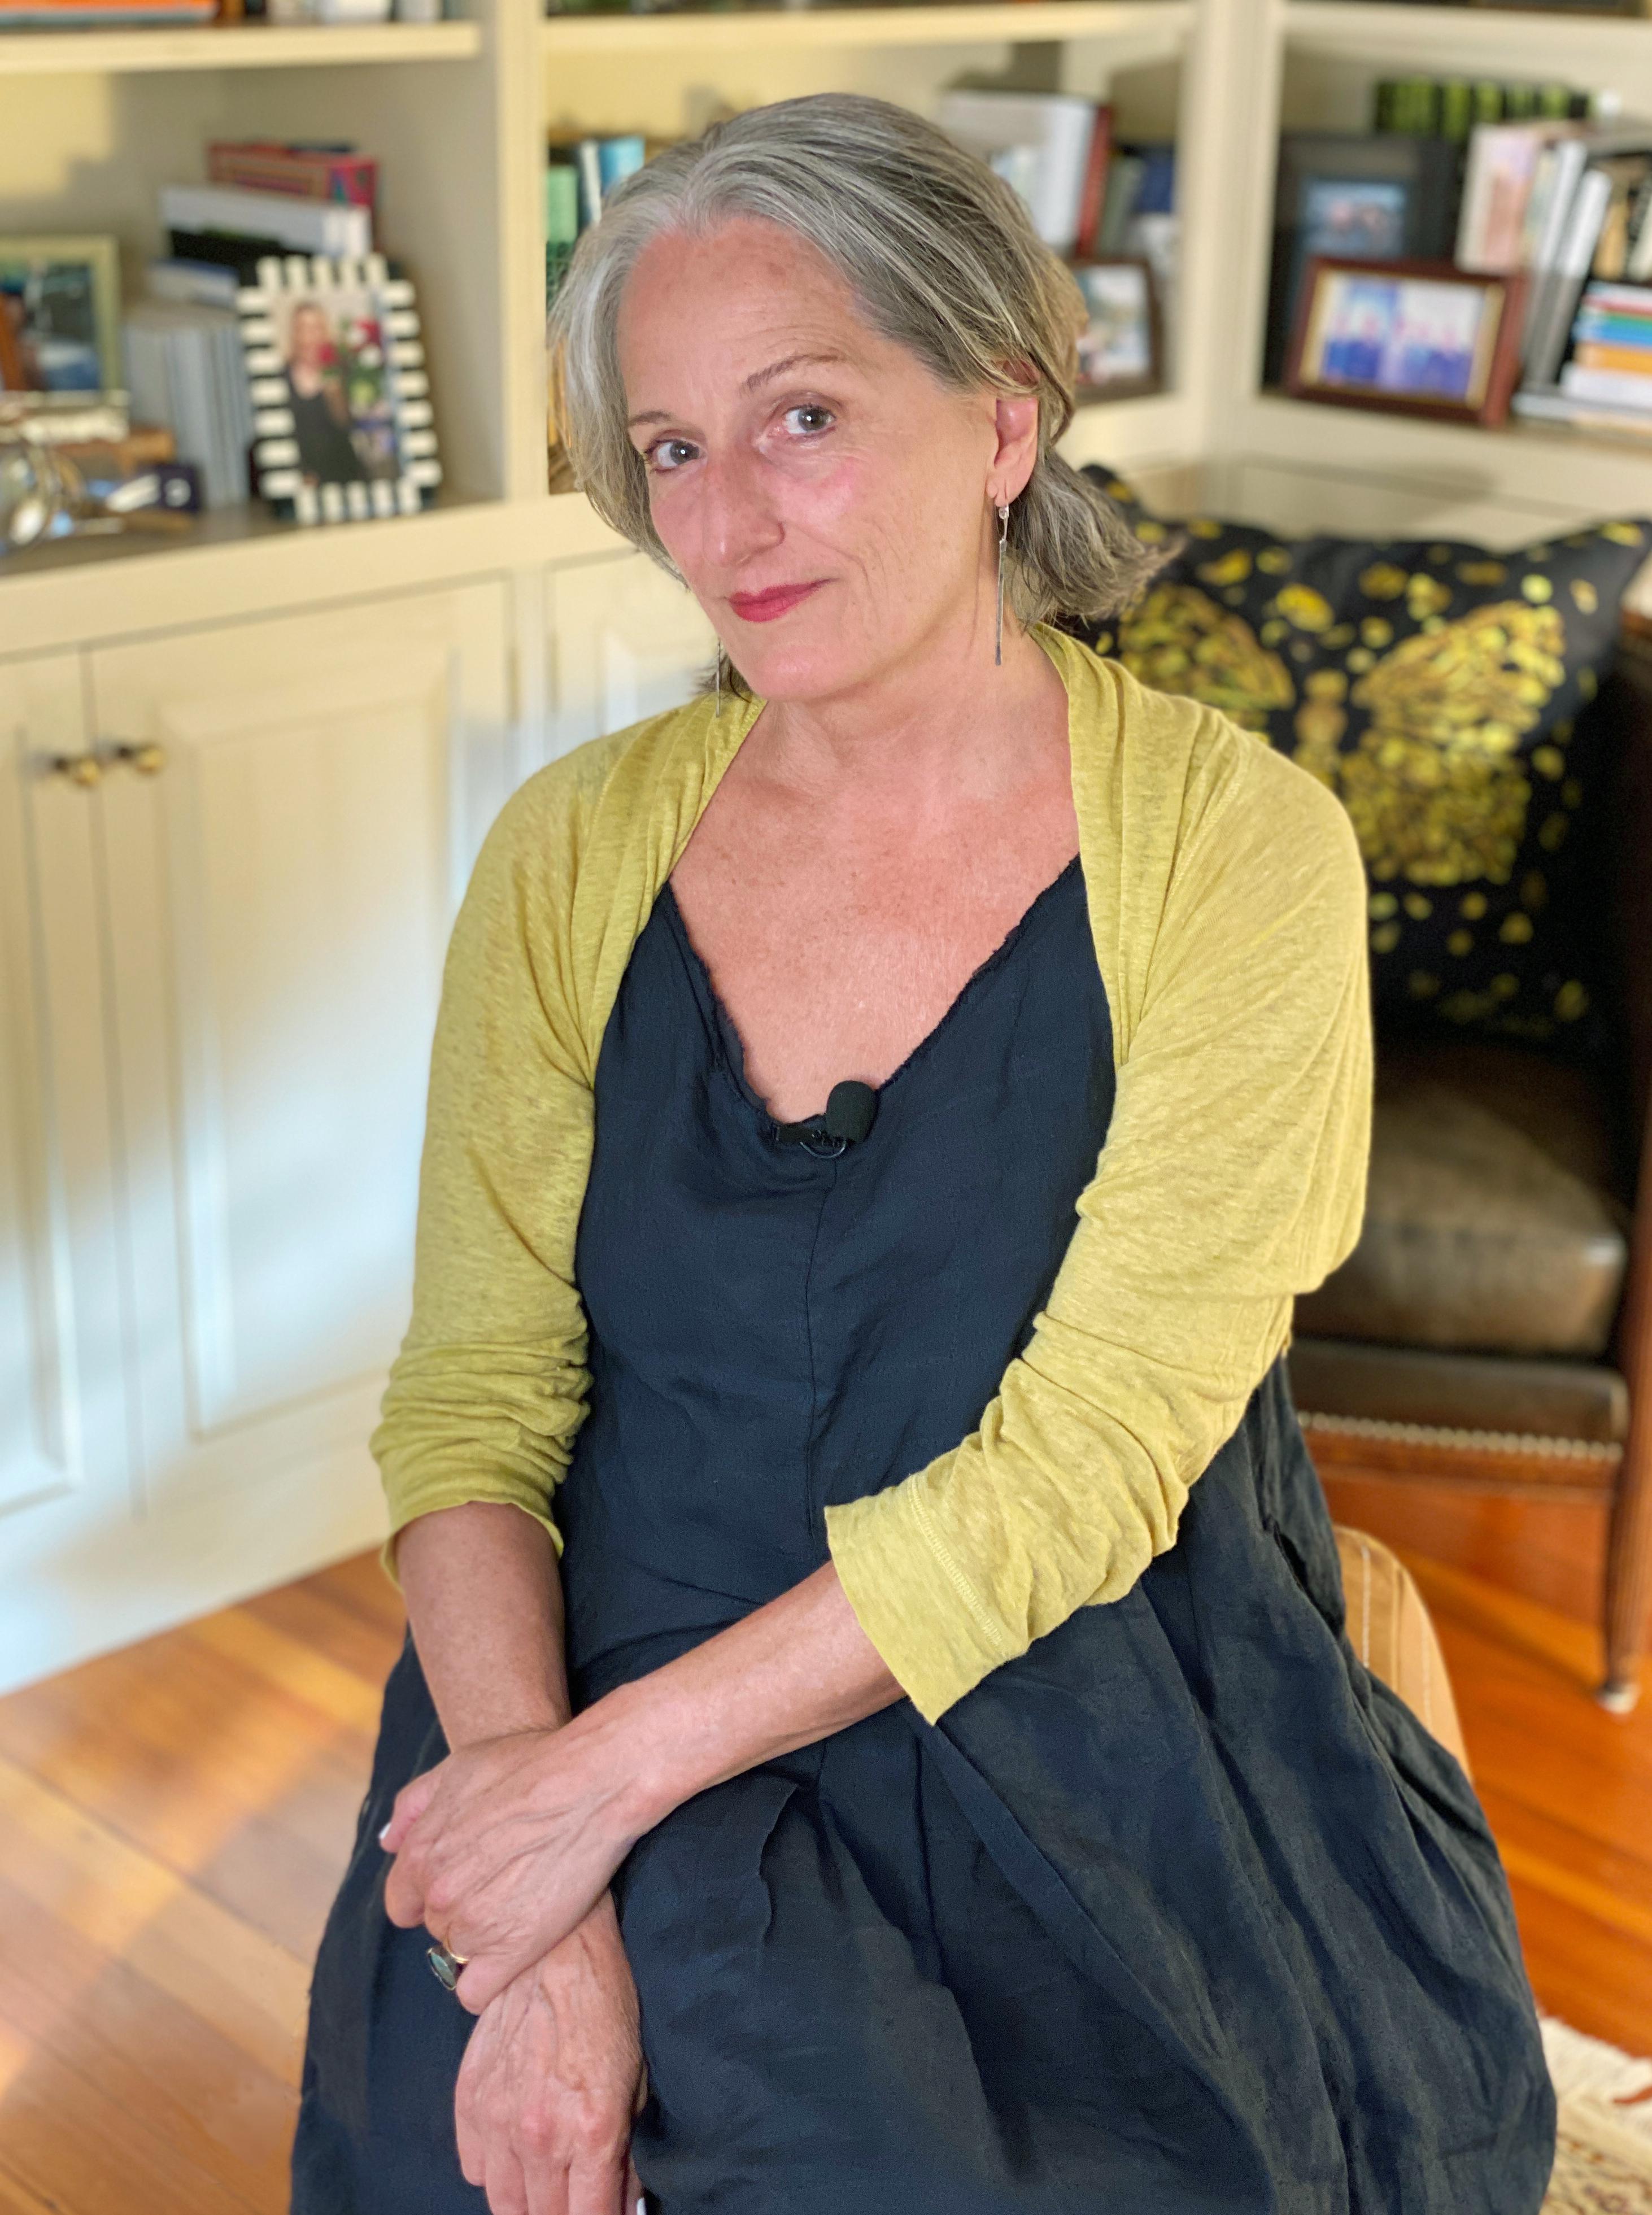 Maryanne O'Hara Photo Michael Bavaro